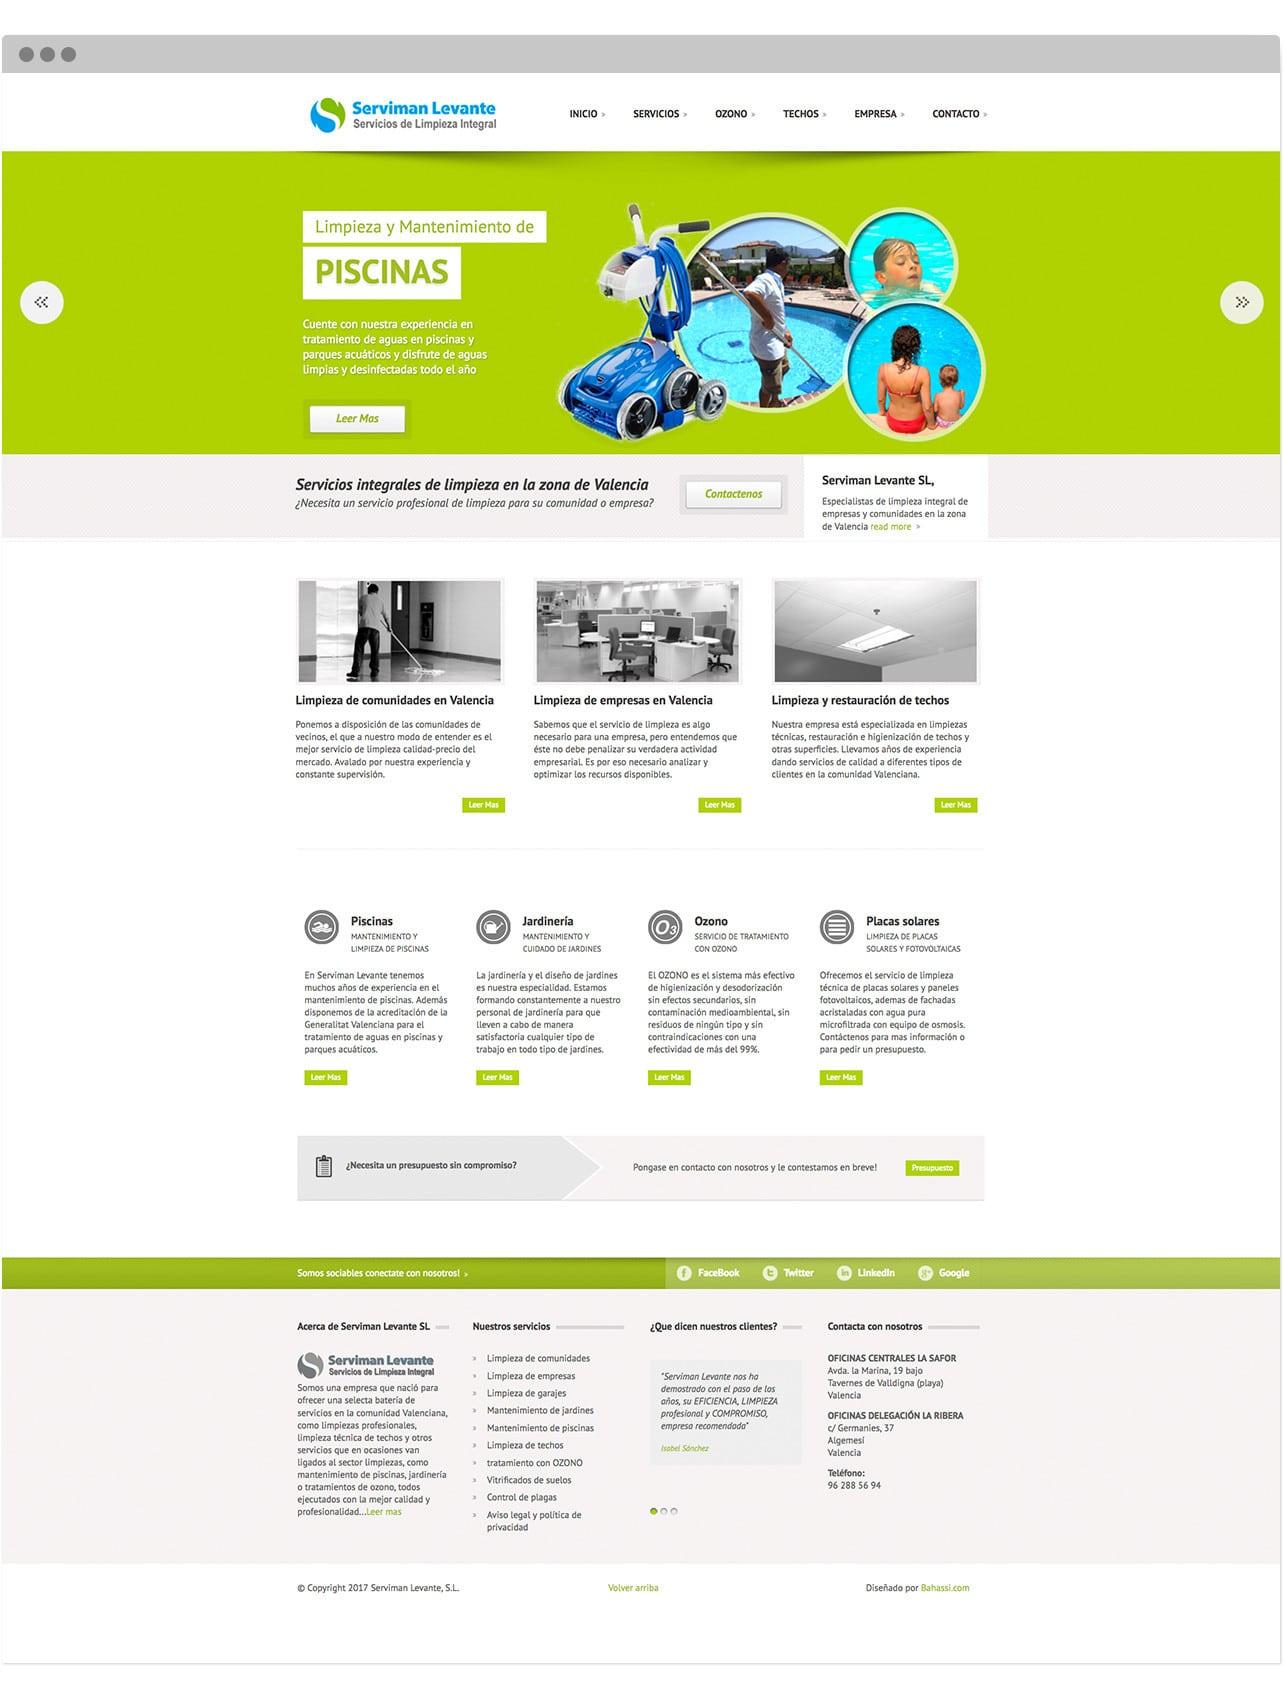 Rediseño Web corporativo para serviman Levante SL